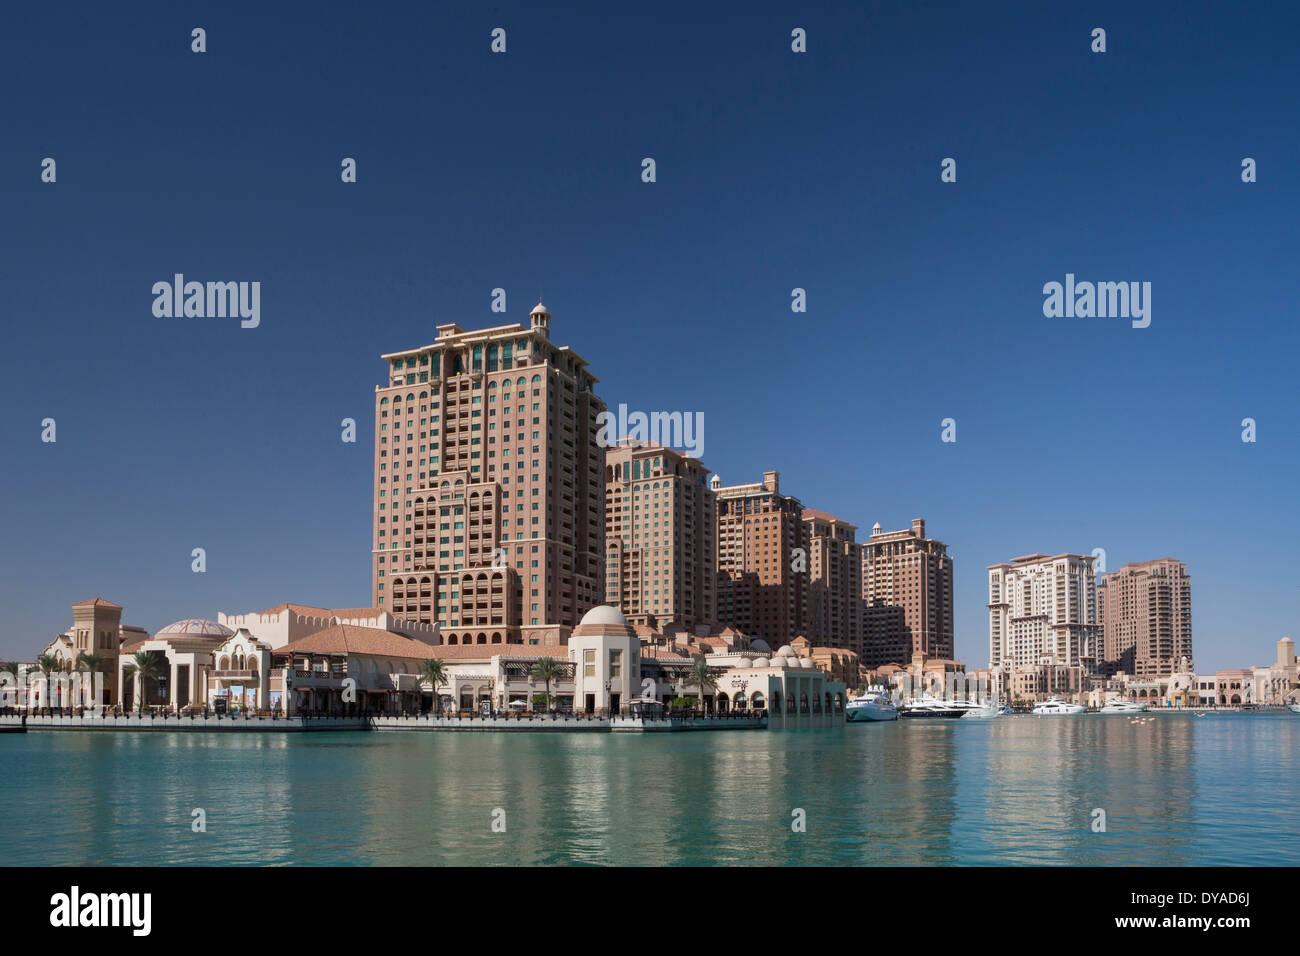 Doha, Qatar, en Oriente Medio, la perla, la arquitectura, la bahía, la ciudad, la construcción nueva, Imagen De Stock